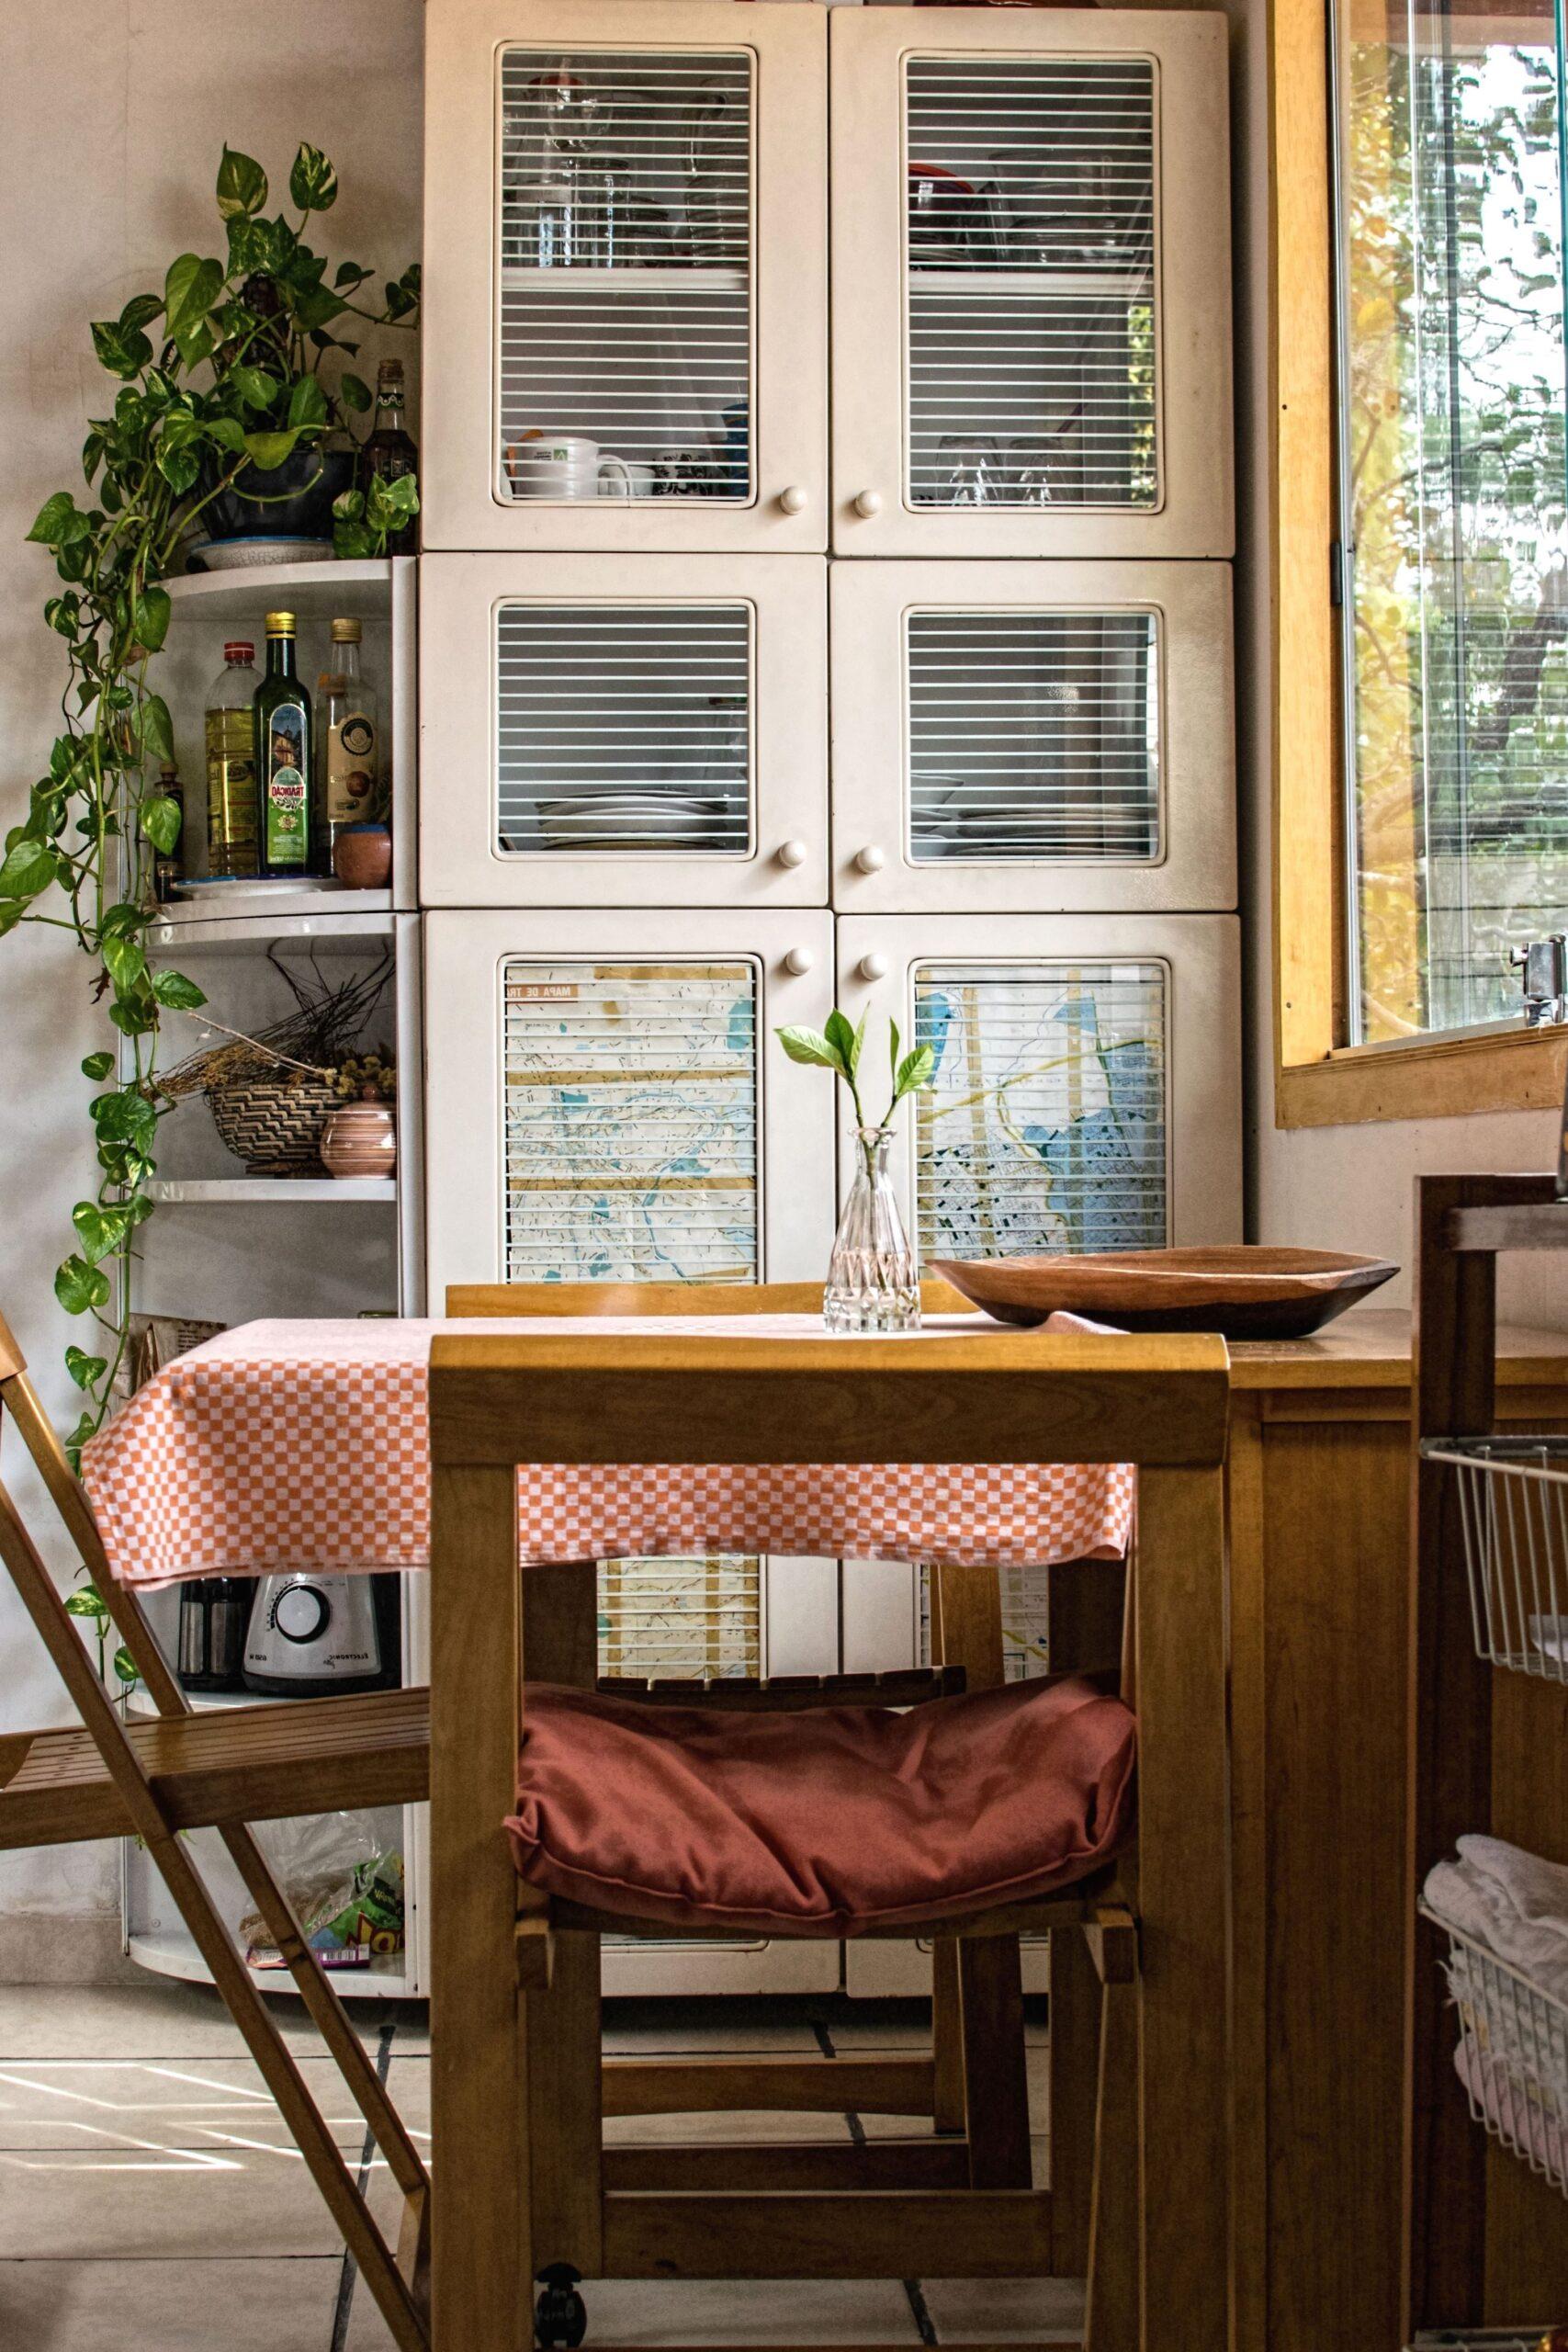 Full Size of Küche Fenster Kostenlose Bild Residenz Mit Theke Ohne Geräte Industrielook Regal 120x120 Kaufen In Polen Alno Hannover Deko Für Internorm Preise Tauschen Wohnzimmer Küche Fenster